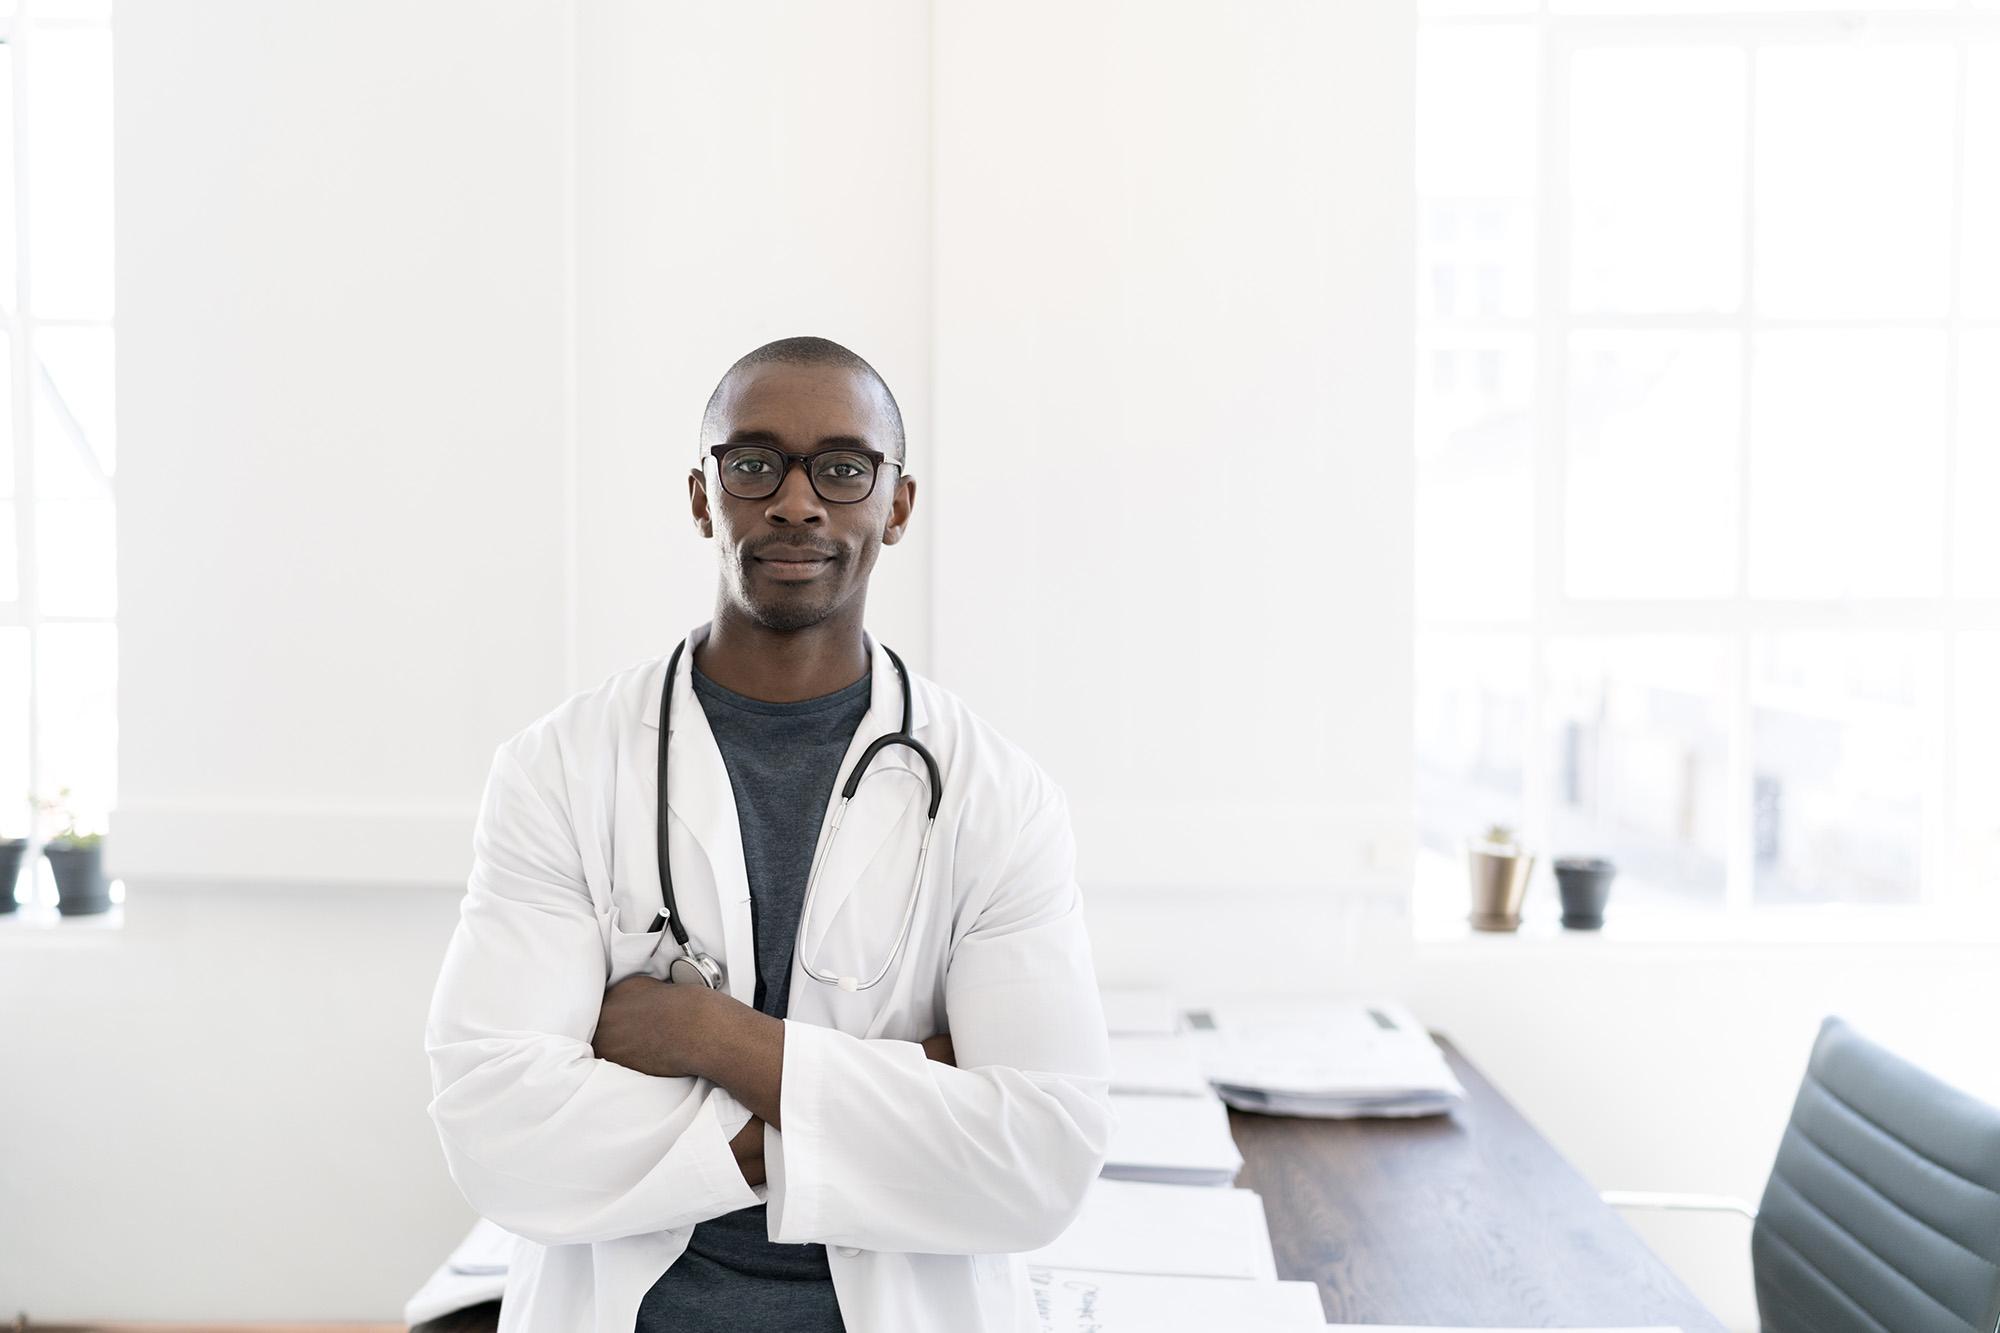 Hình ảnh bác sĩ da đen điển trai